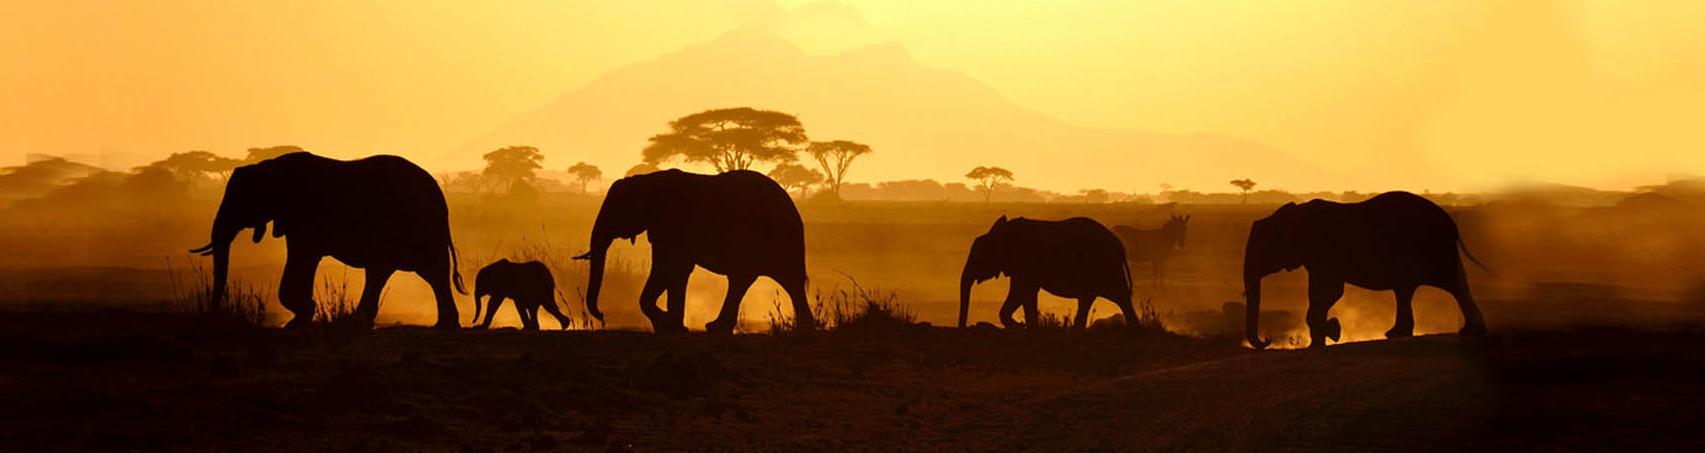 Afrikamaand